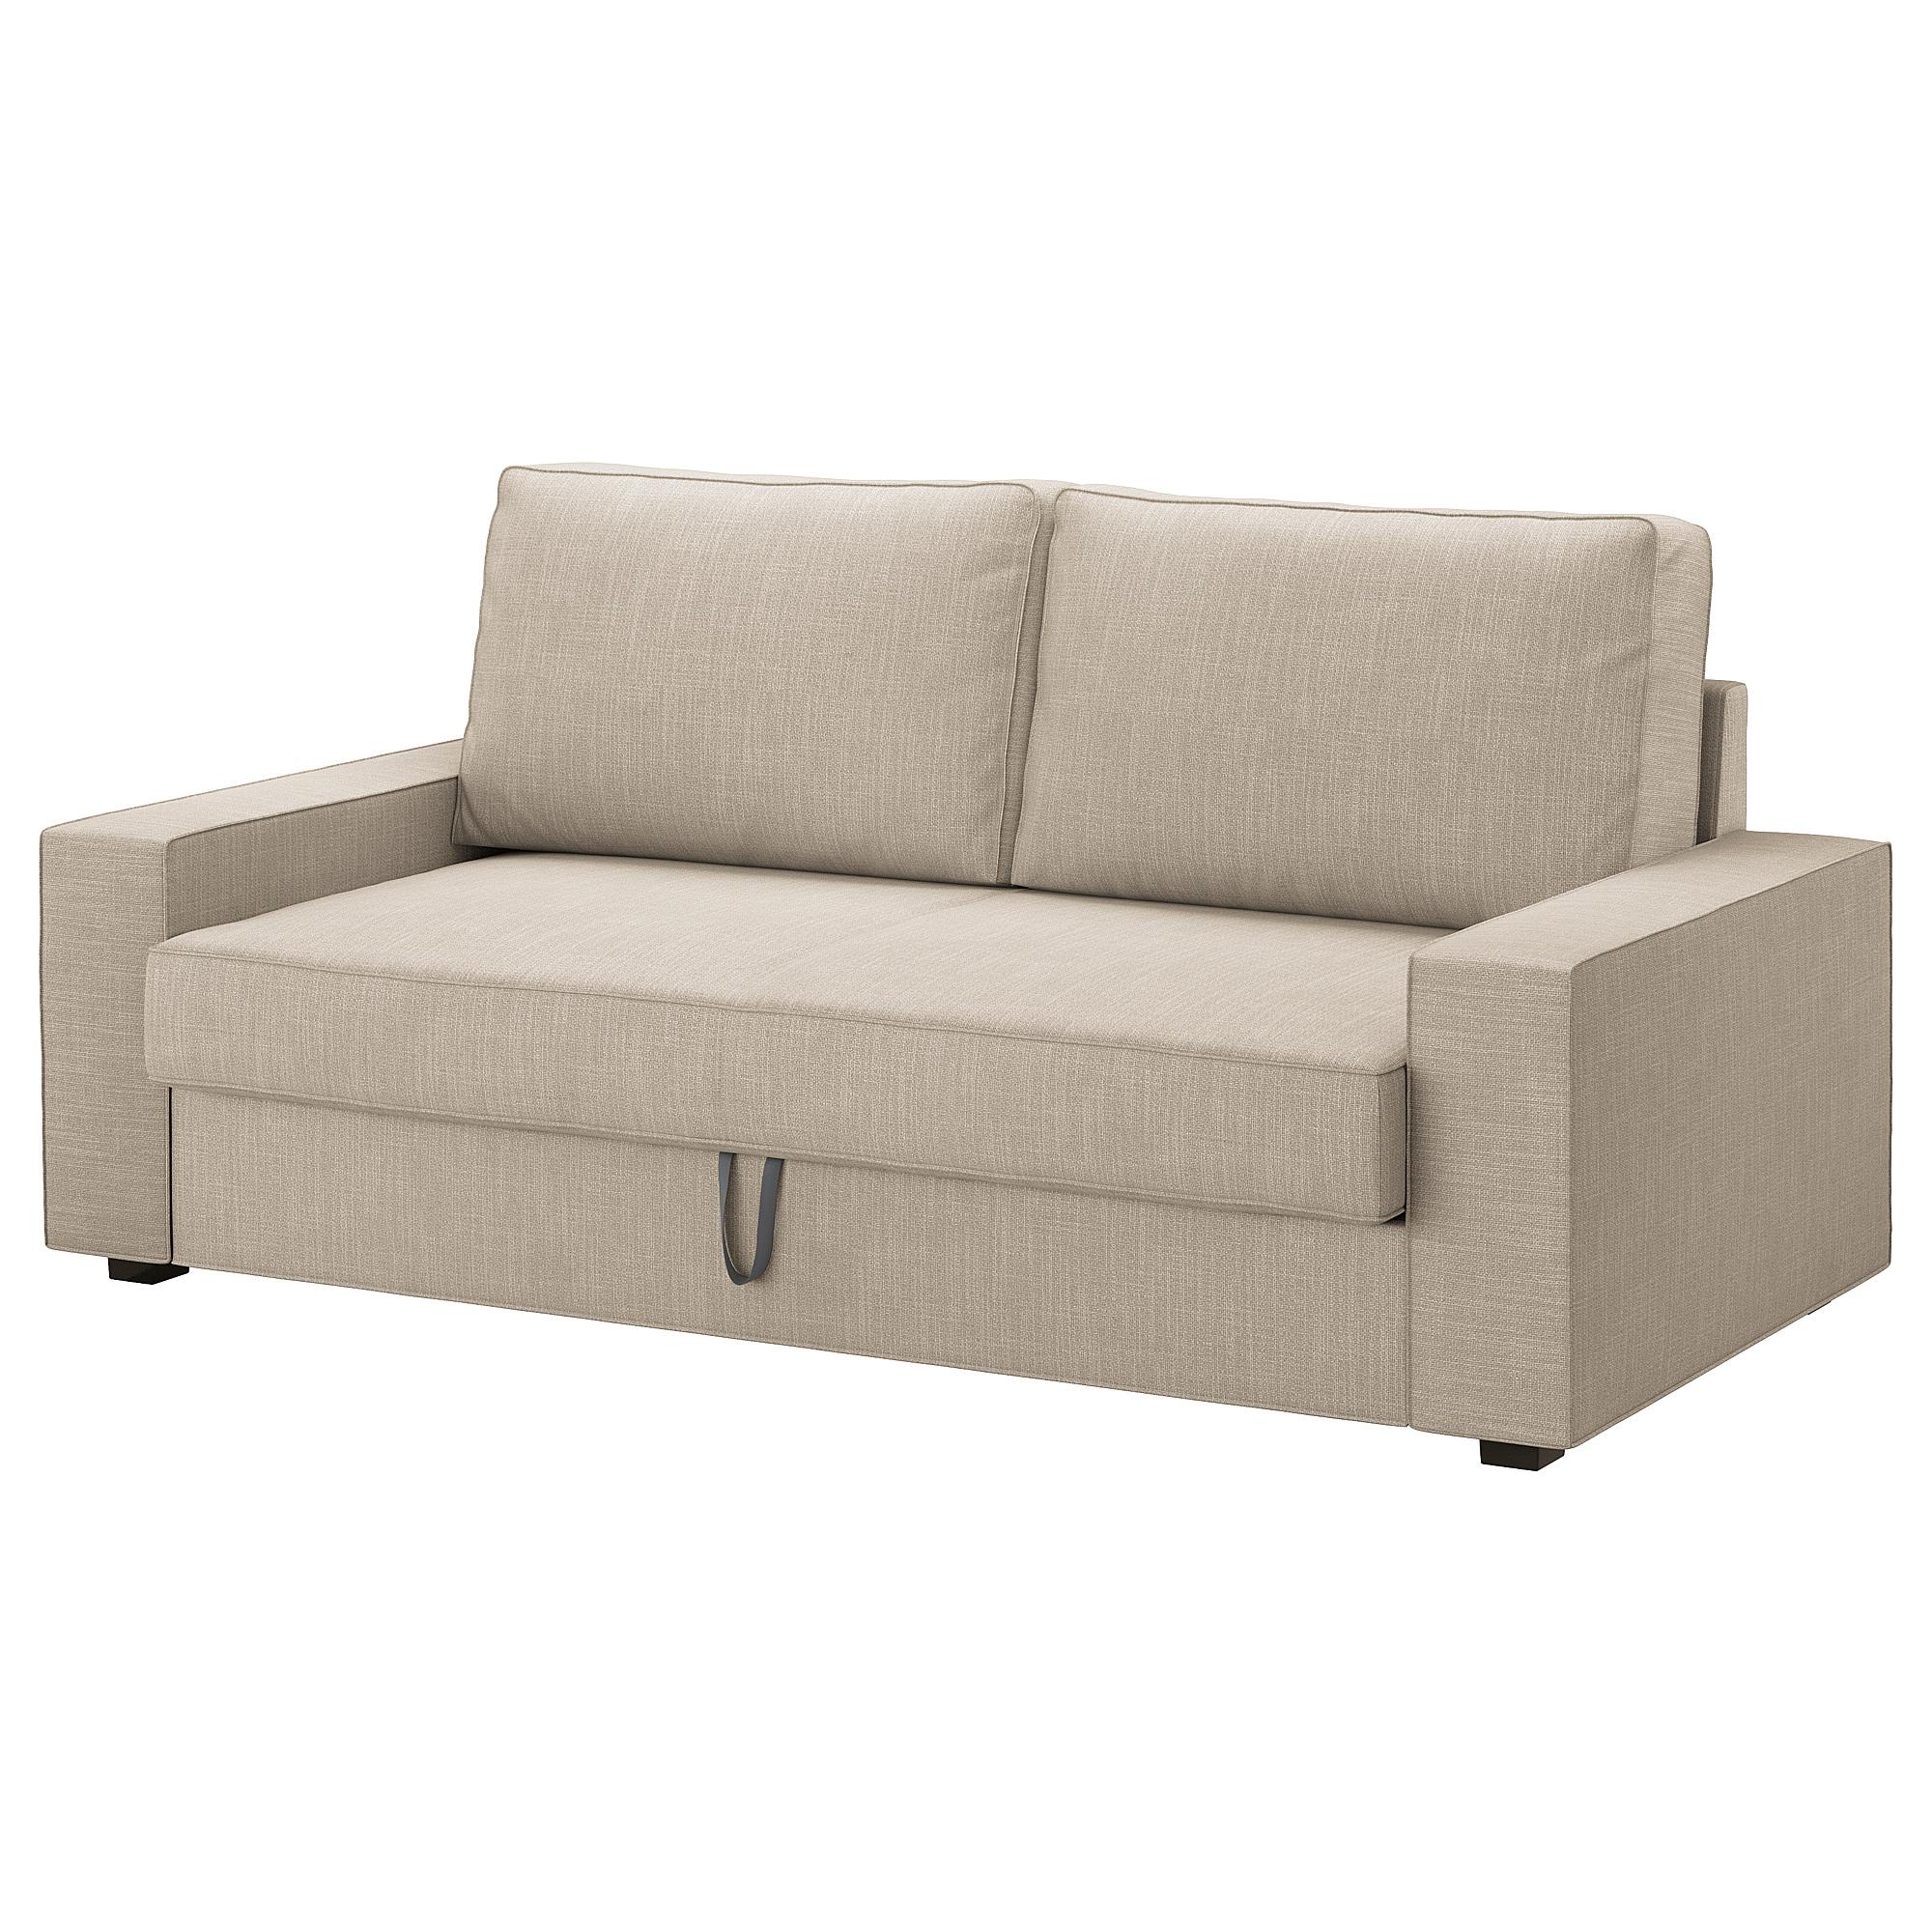 3-местный диван-кровать ВИЛАСУНД бежевый артикуль № 692.824.98 в наличии. Интернет сайт ИКЕА РБ. Недорогая доставка и соборка.